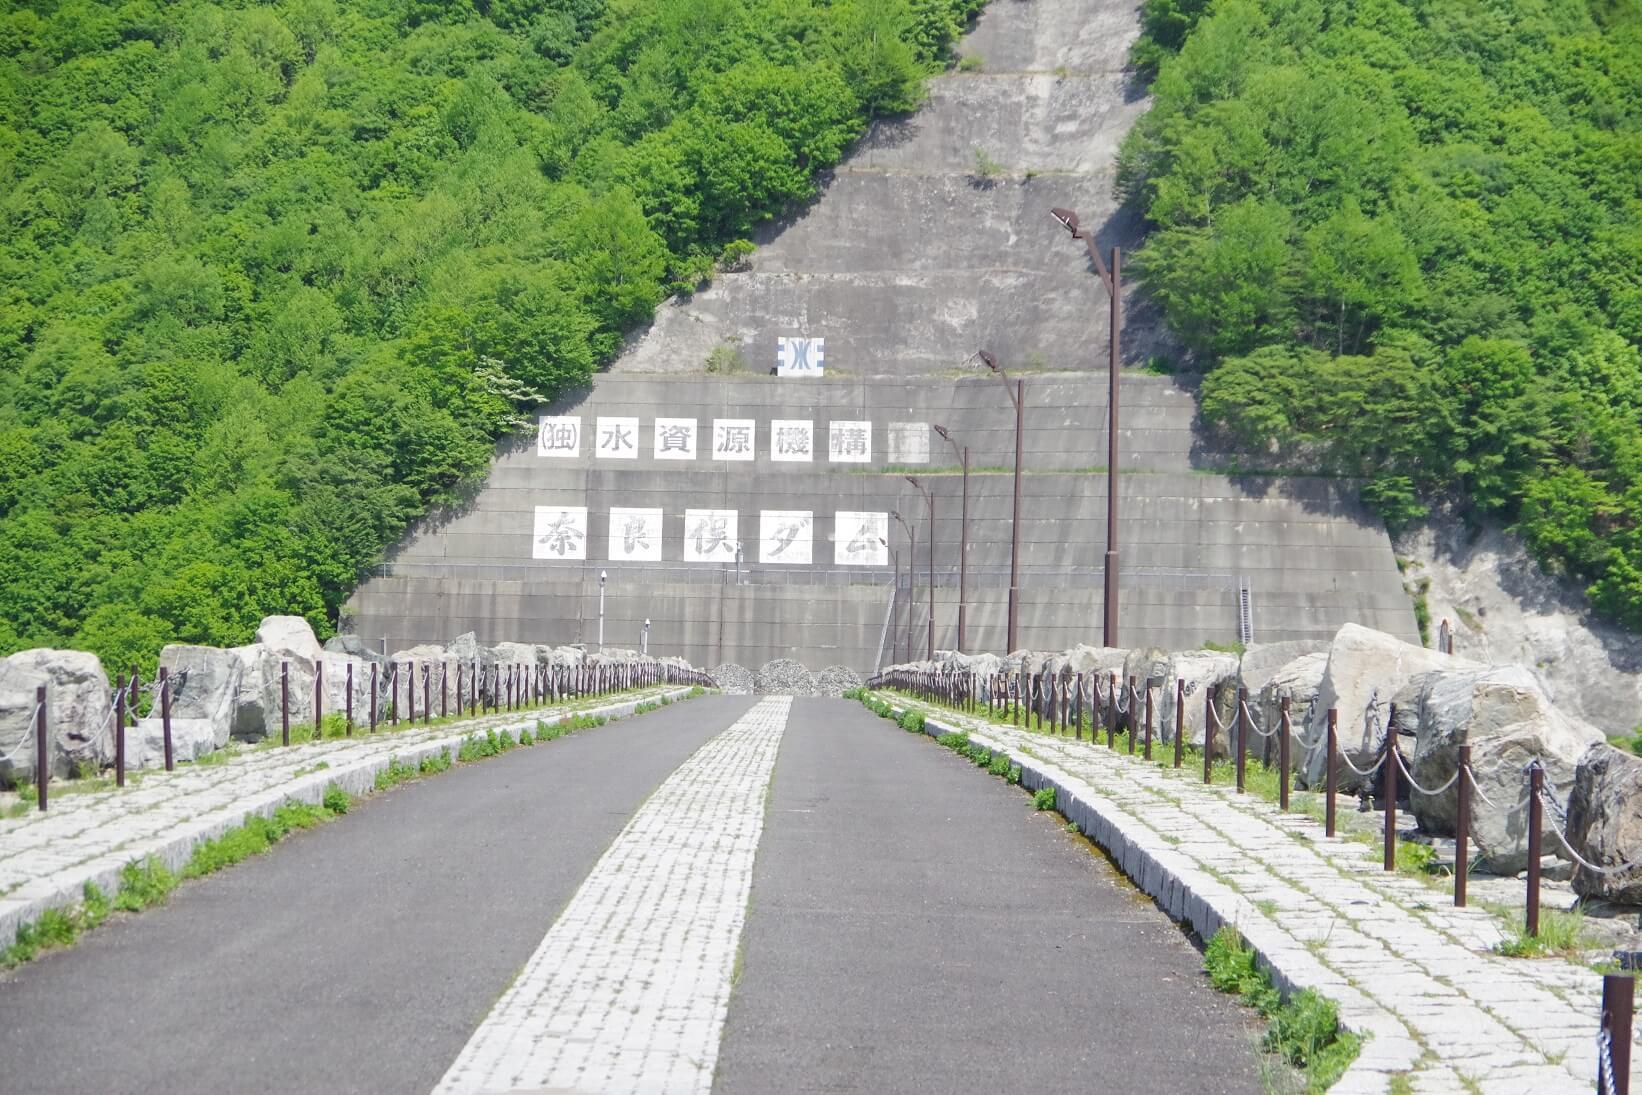 奈良俣ダム 施設情報